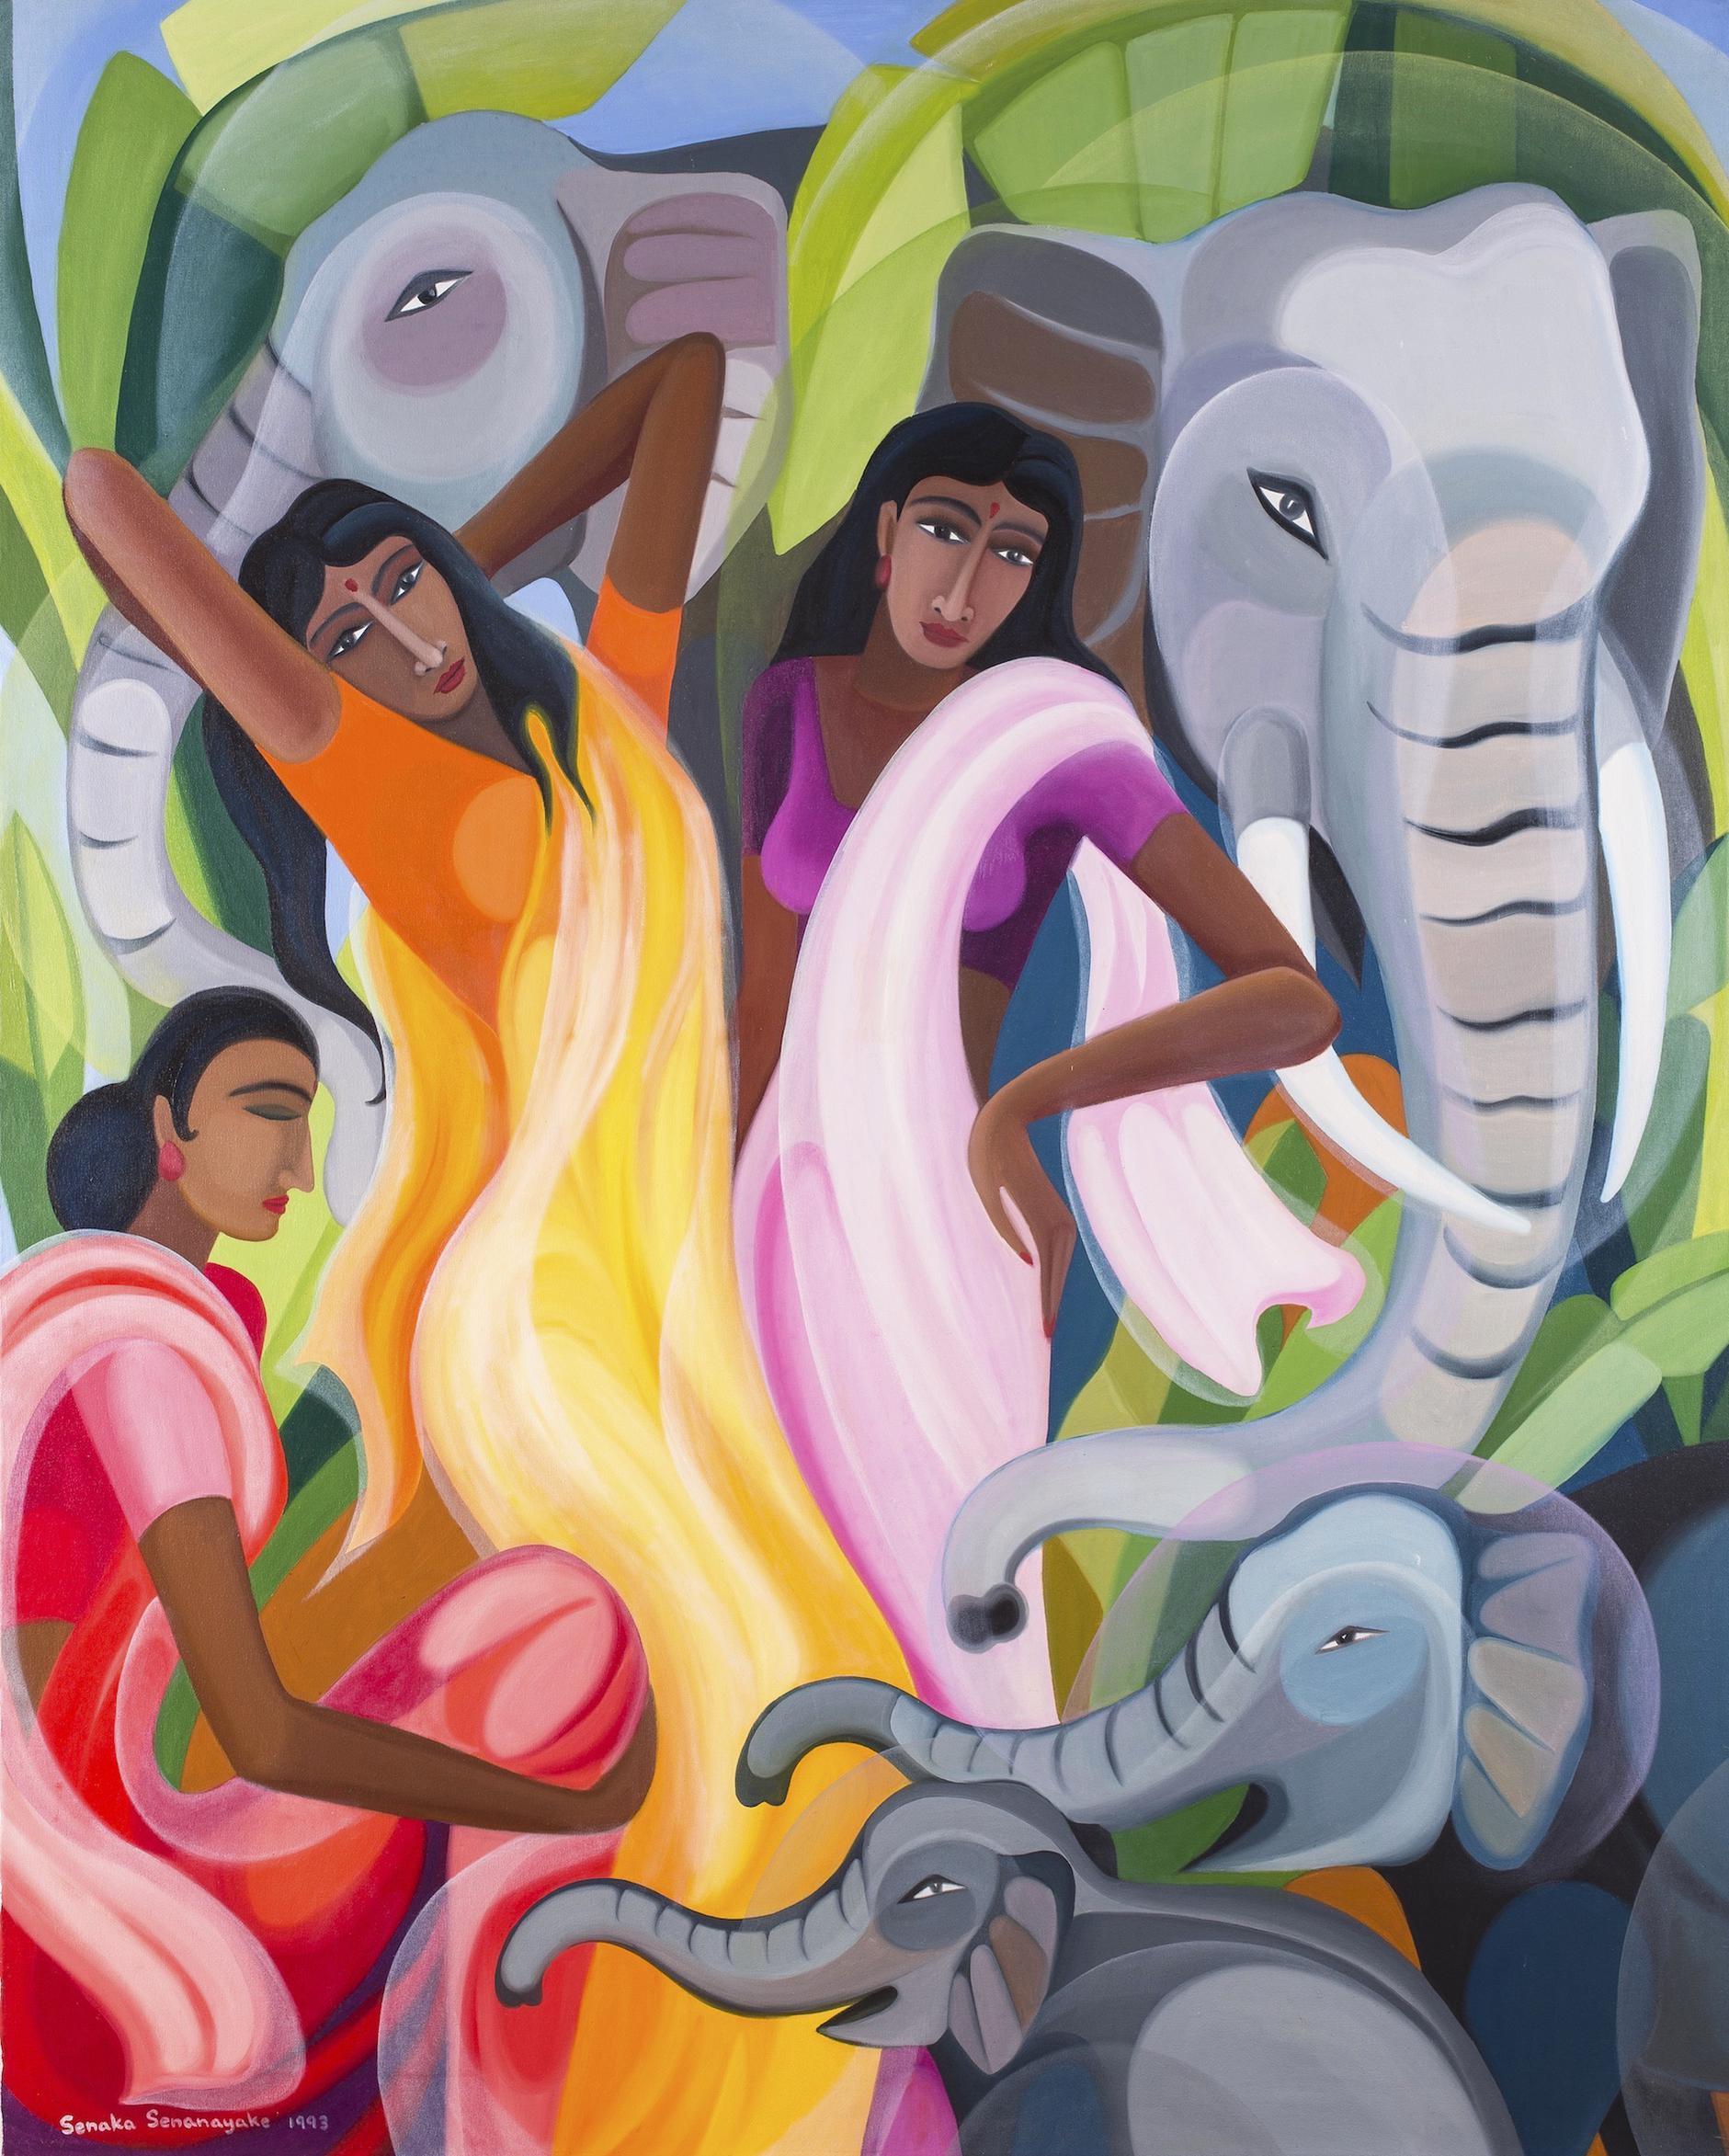 Senaka Senanayake-Untitled-1993